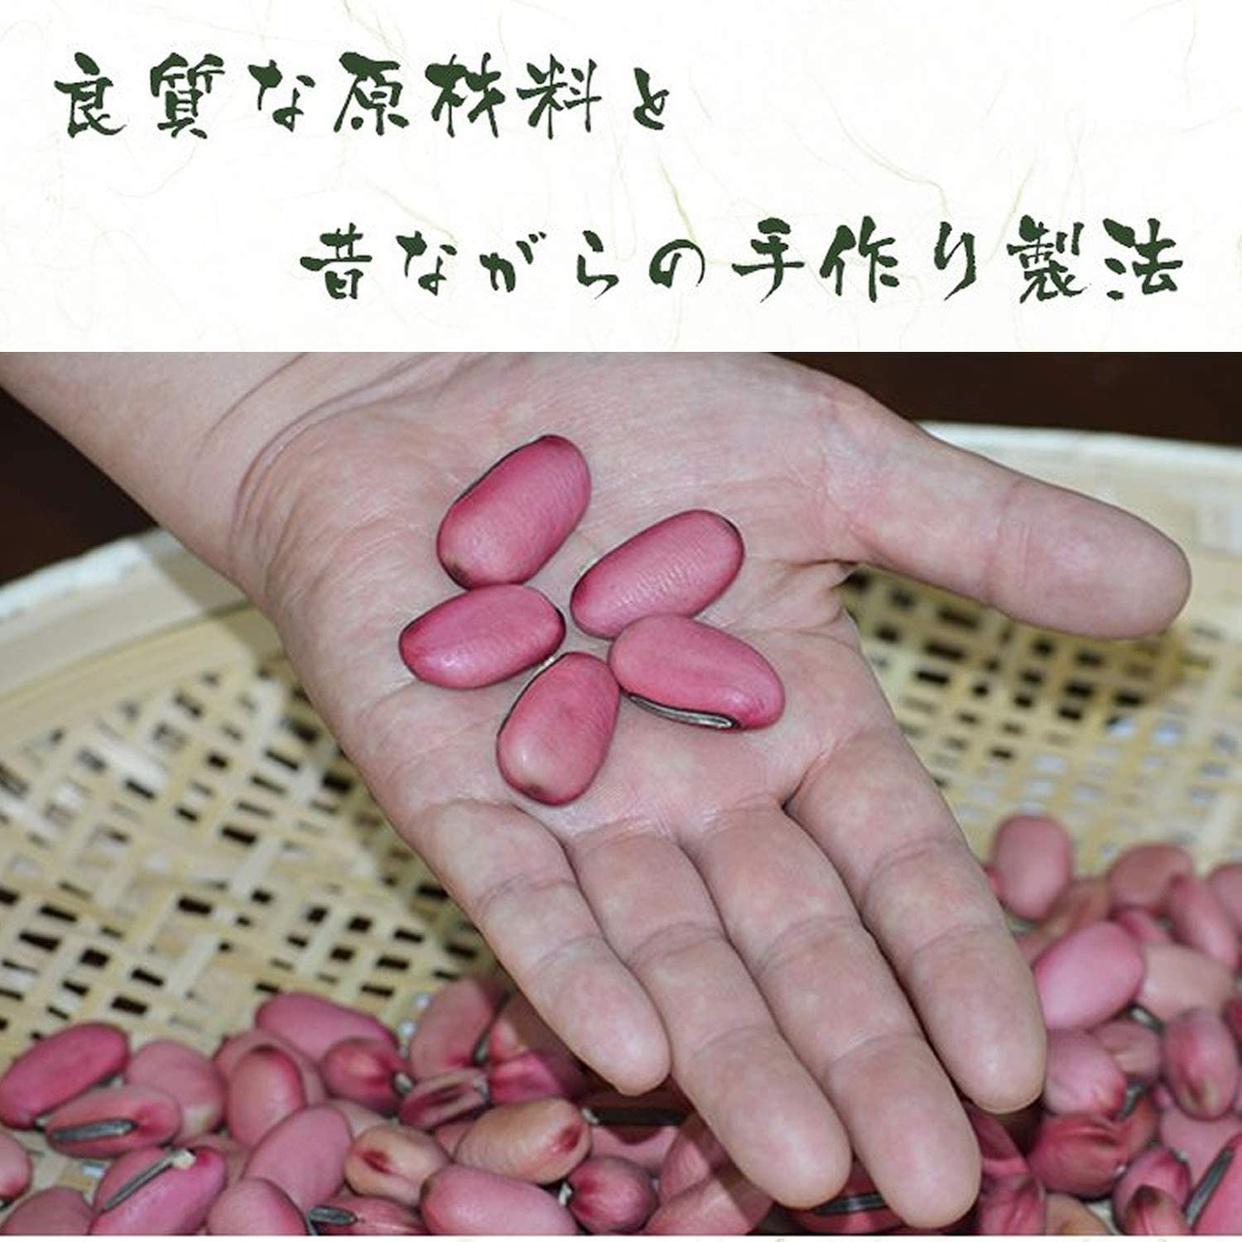 がばい農園 国産 赤なた豆茶の商品画像5